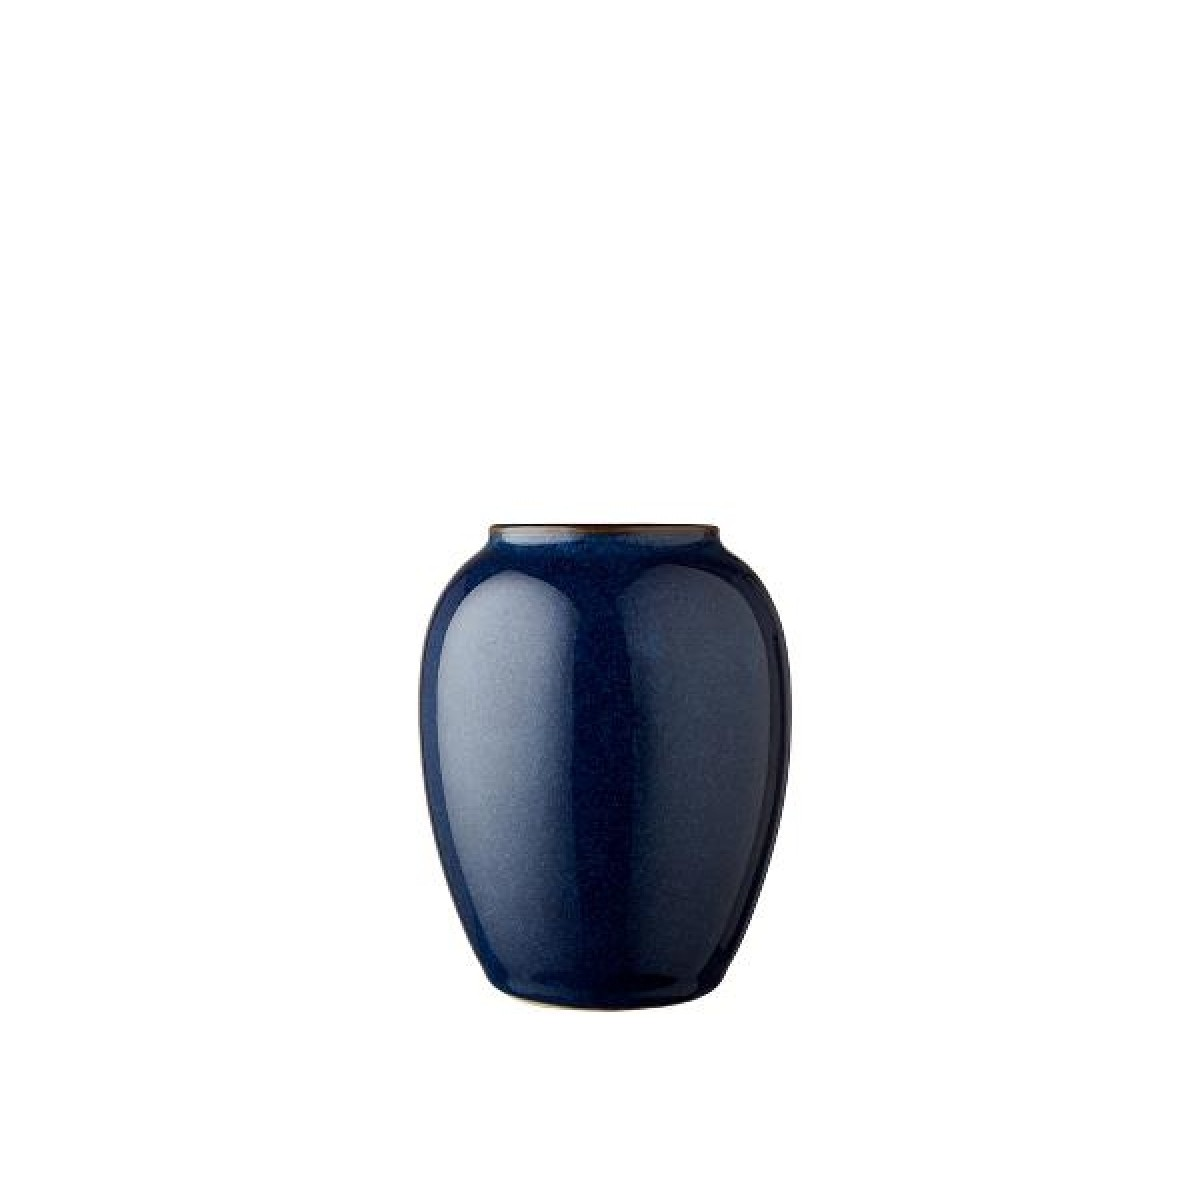 BITZ Vase 12,5 cm blå